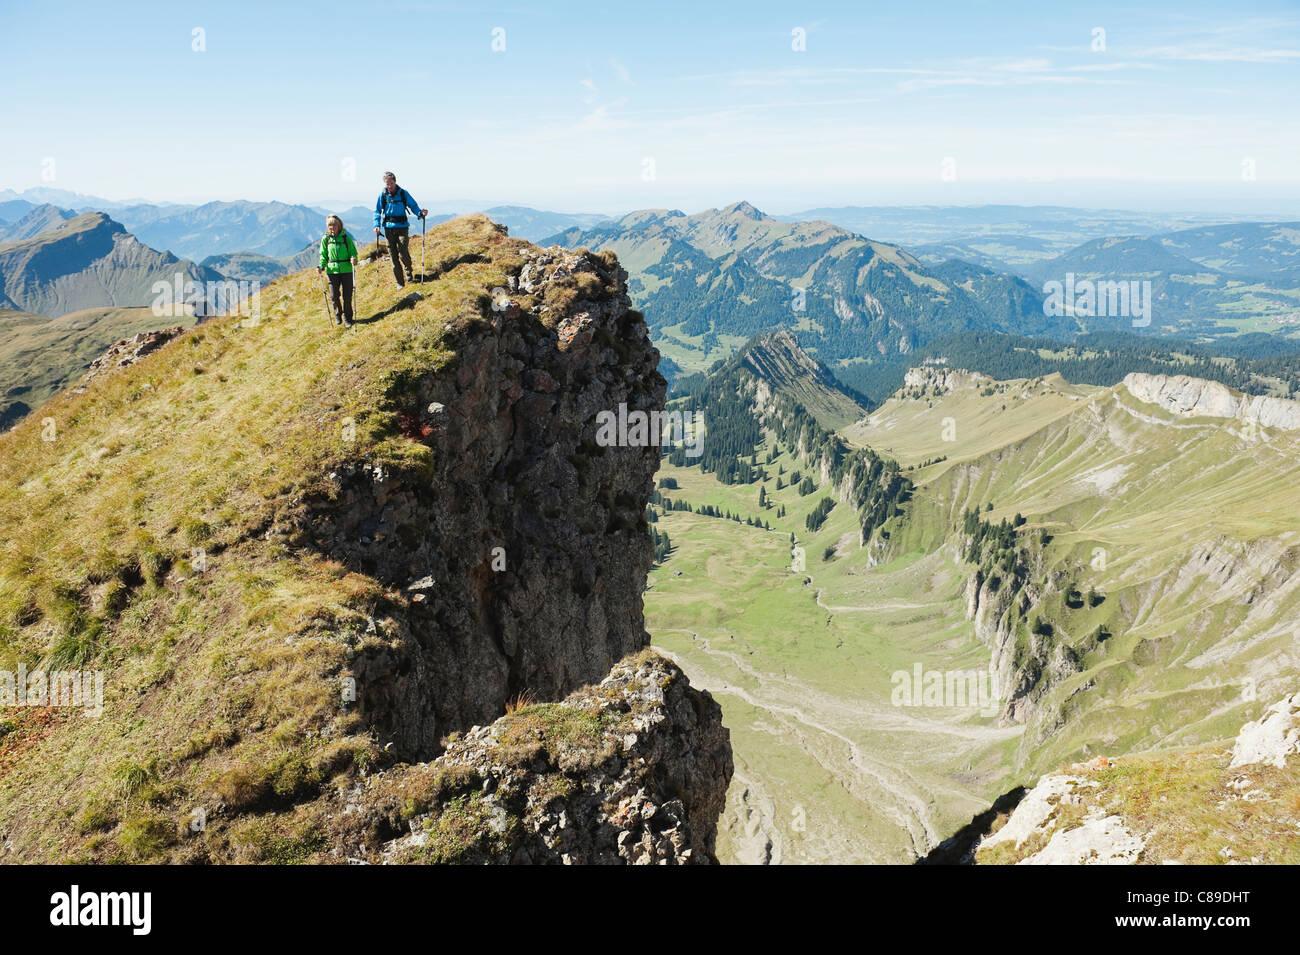 L'Autriche, Kleinwalsertal, l'homme et la femme en randonnée sur les bord de la falaise Photo Stock